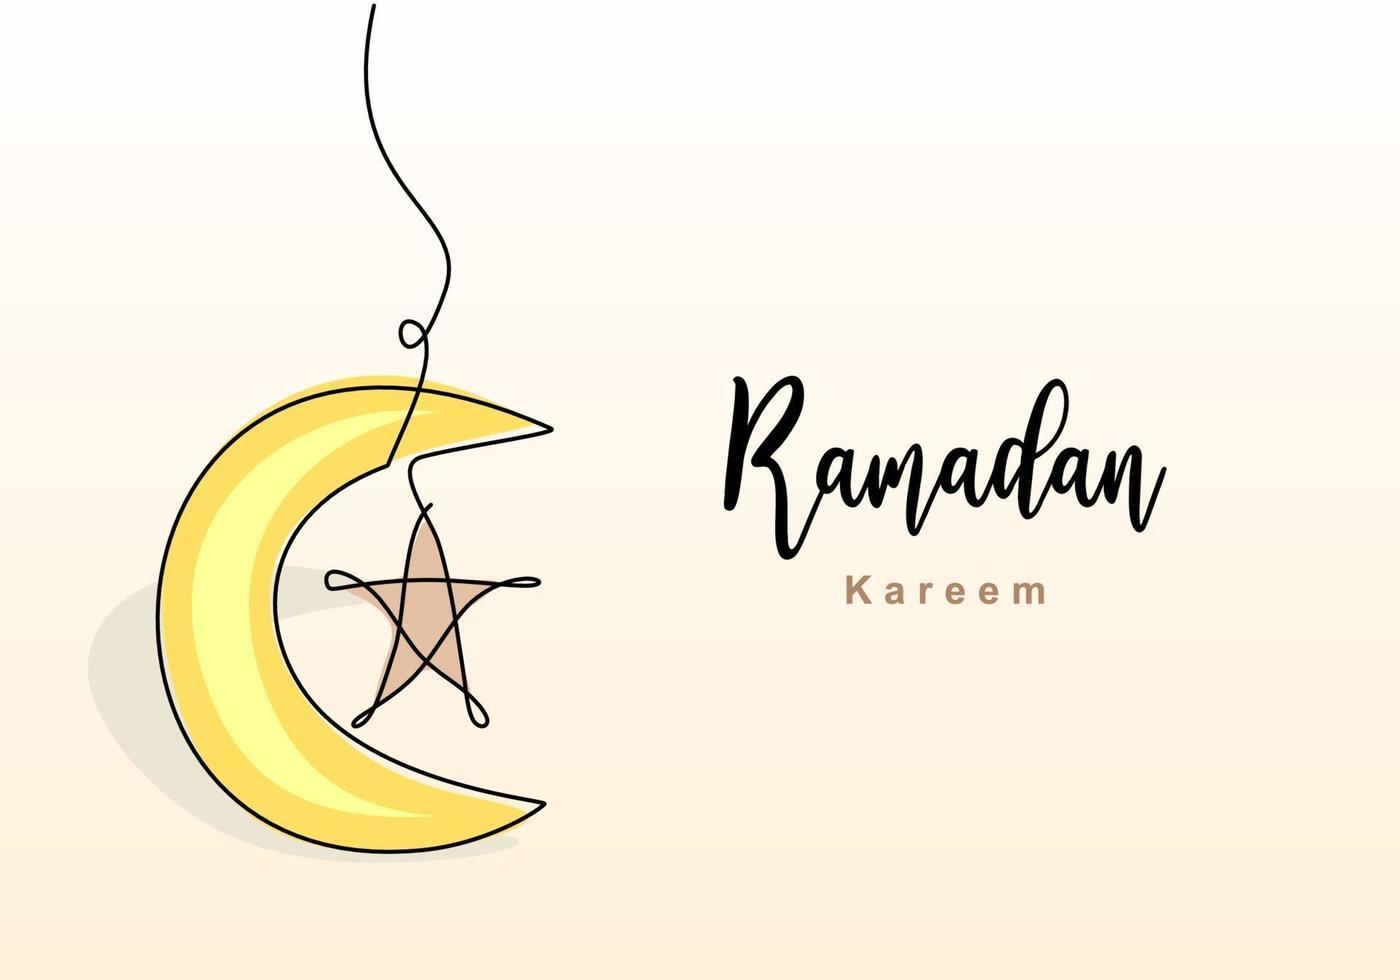 desenho de linha contínua de decoração islâmica com estrela e lua e letras. feriado tradicional muçulmano. mão desenhada linha arte do conceito de cartão ramadan kareem. ilustração vetorial vetor